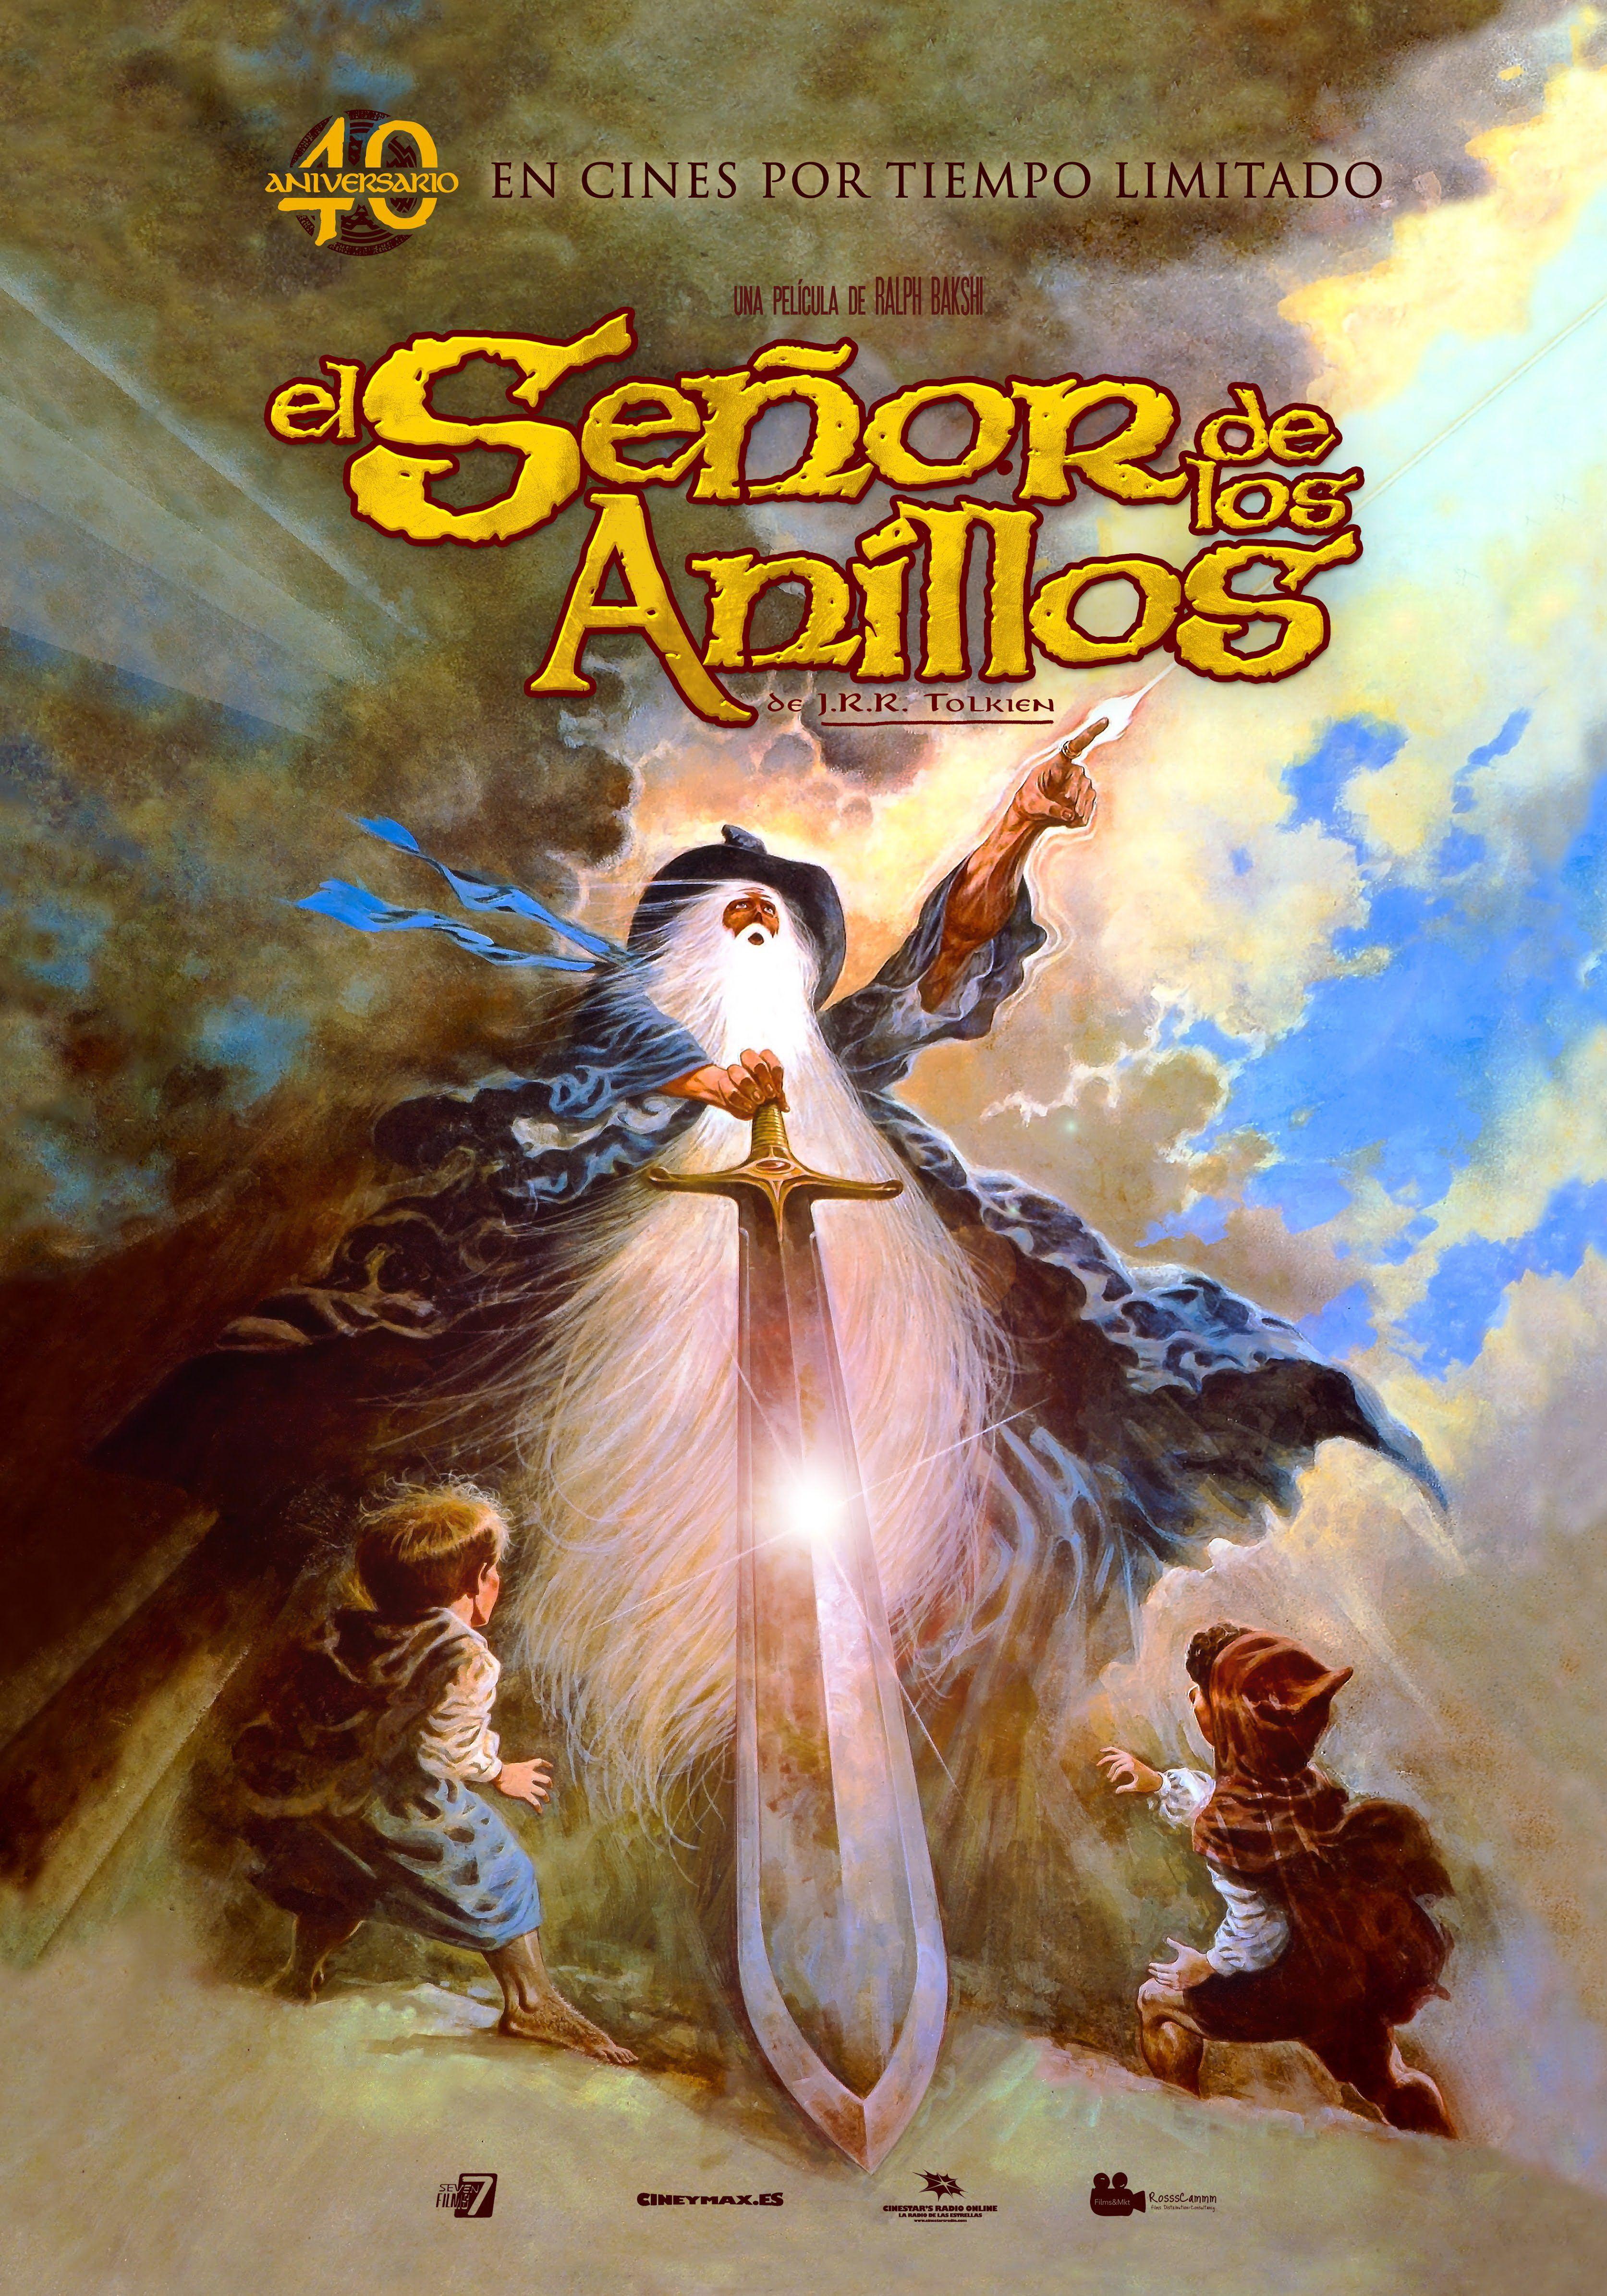 El Senor De Los Anillos El Senor De Los Anillos Arte Y Literatura Cine